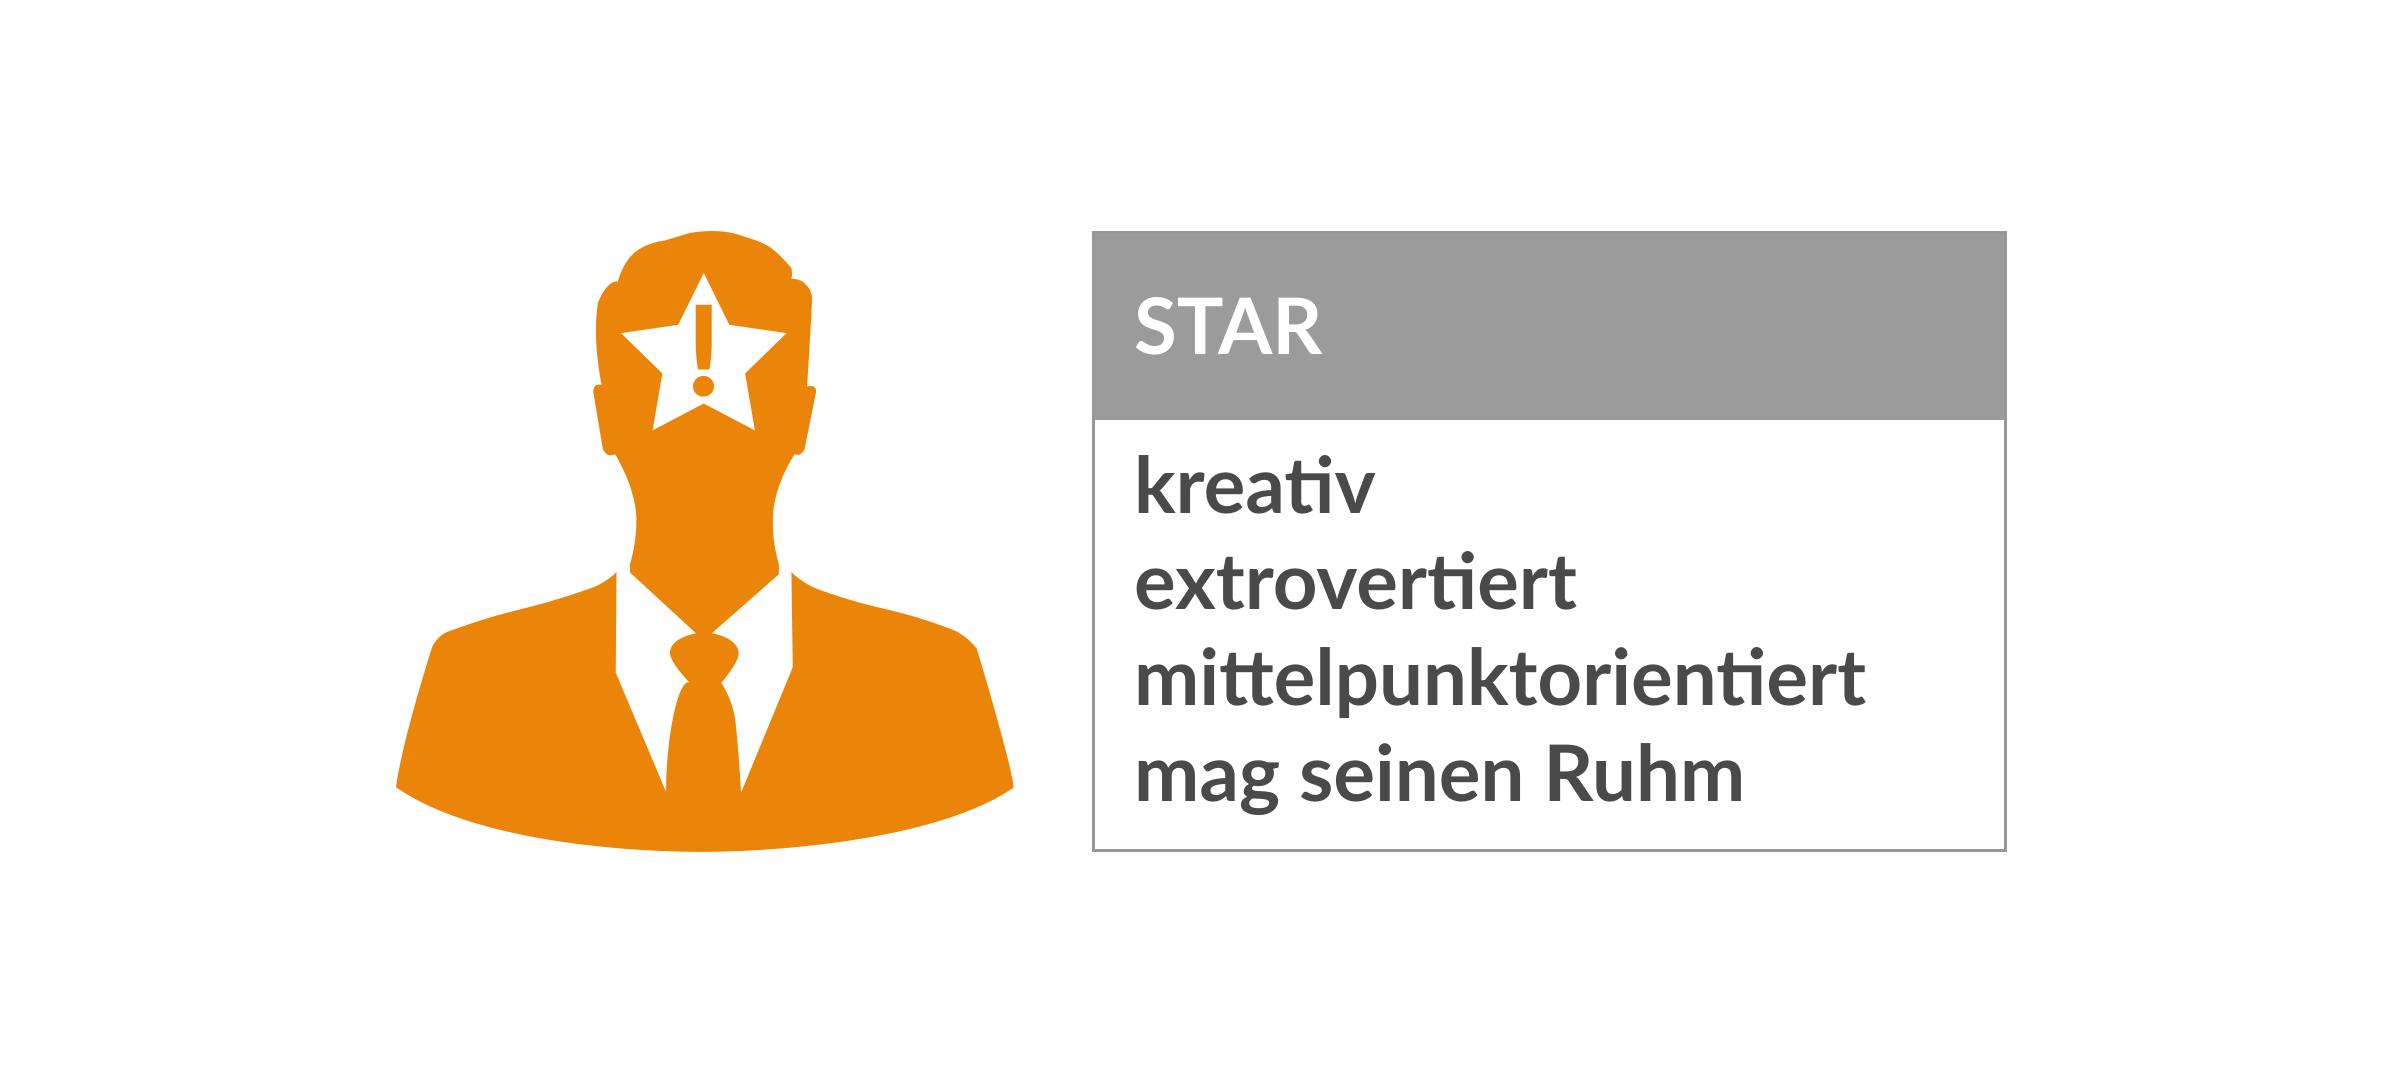 Persönlichkeitstypen Star